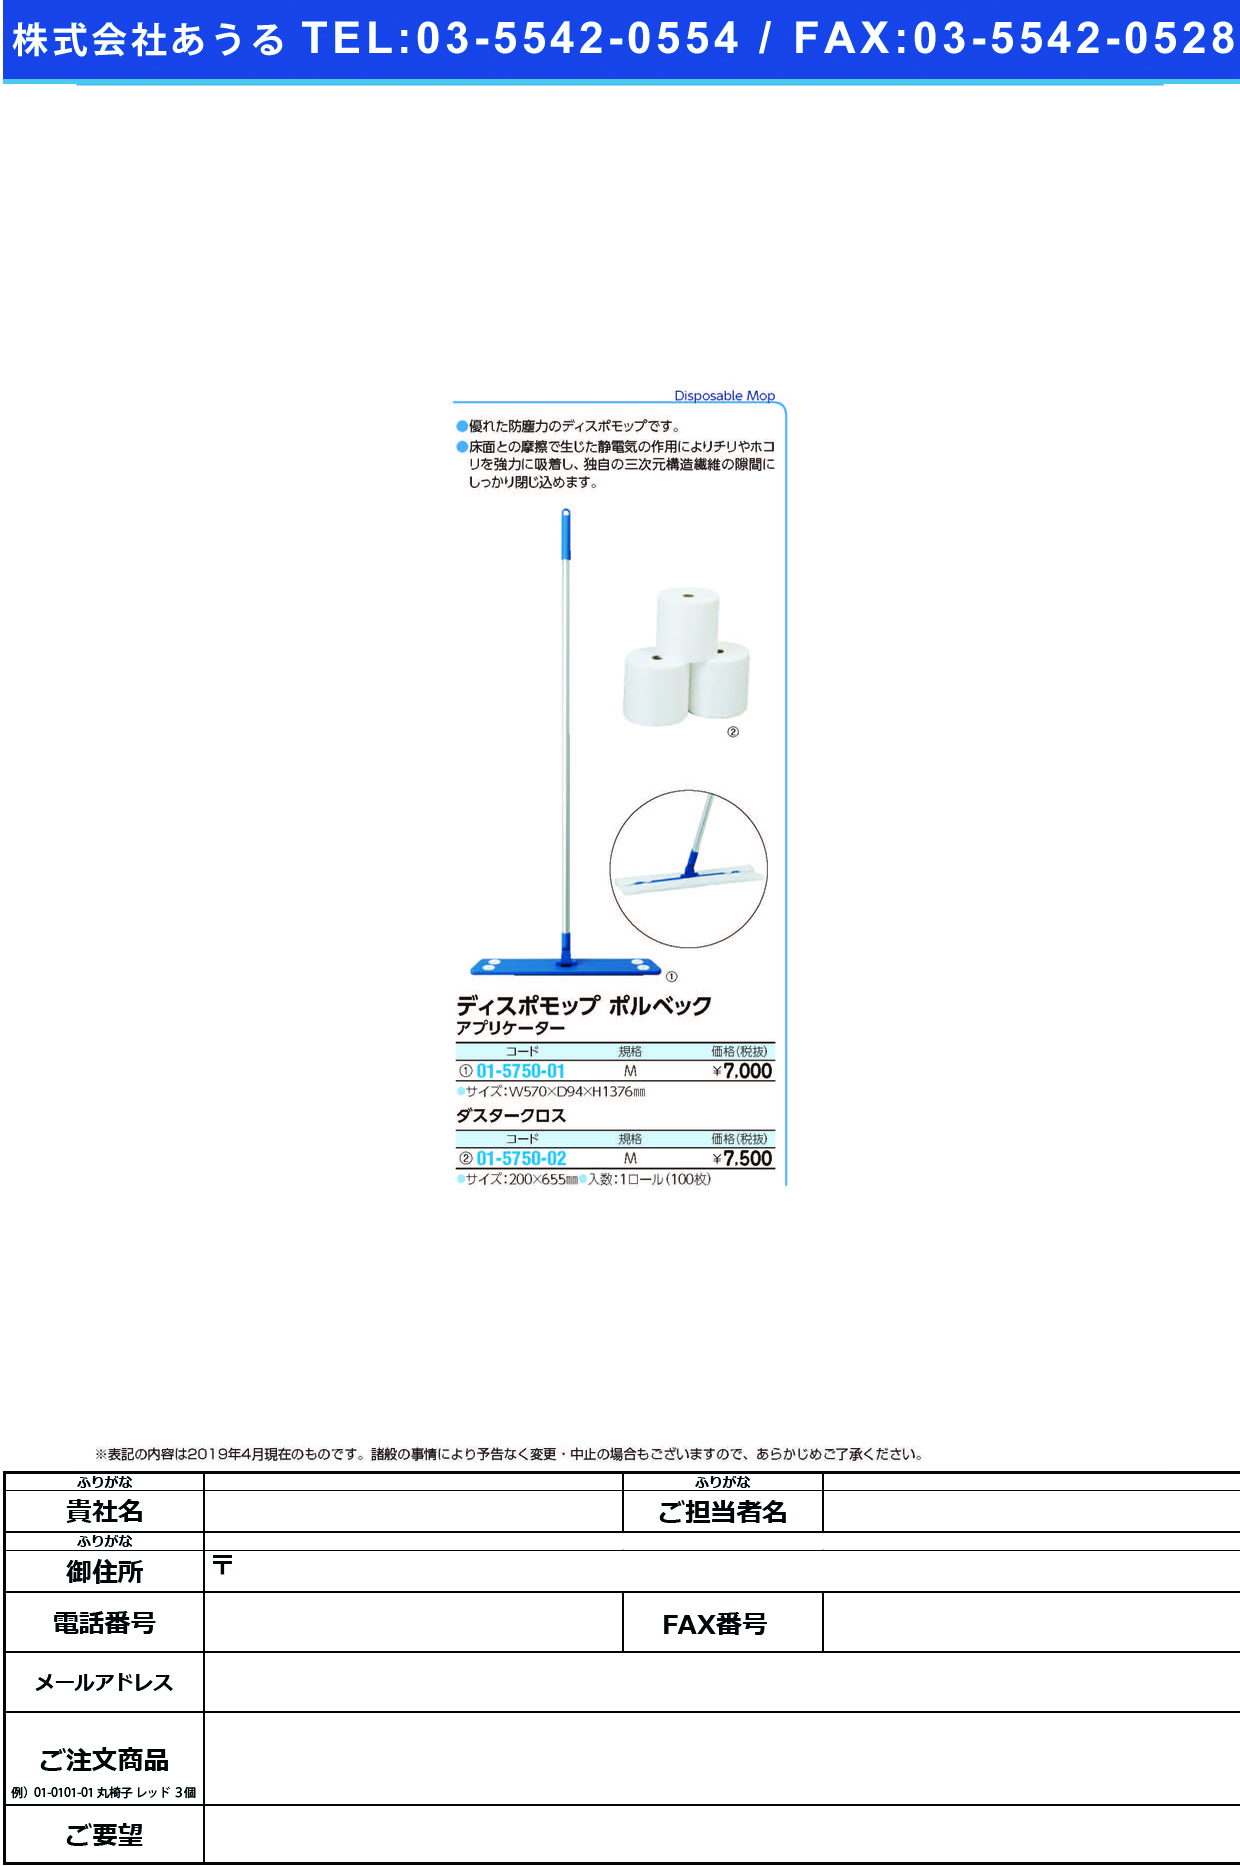 (01-5750-01)ポルベック(ディスポモップ) アプリケーター(Mタイプ) ポルベック(バイリーンクリエイト)【1組単位】【2019年カタログ商品】